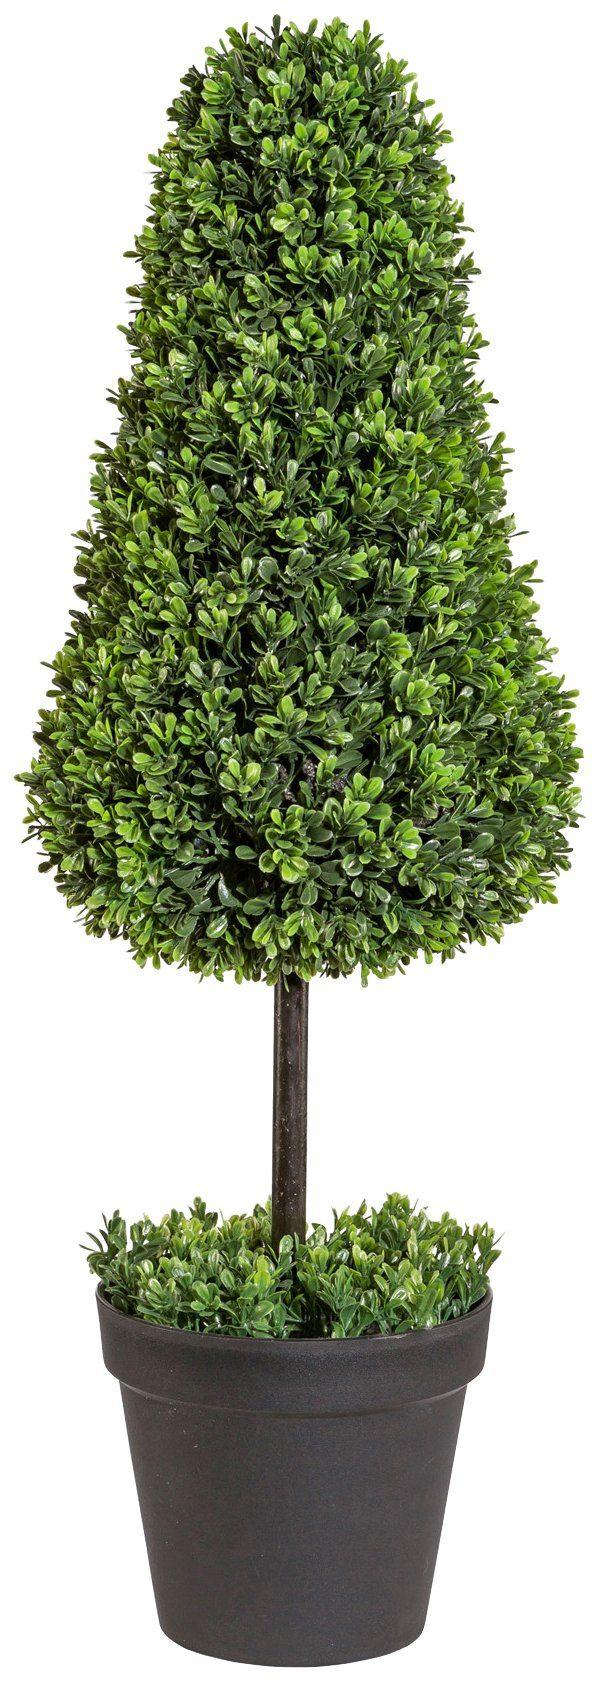 Kunstpflanze »Buchsbaumkegel auf Stamm«, im Kunststofftopf, ØxH: 30x85 cm